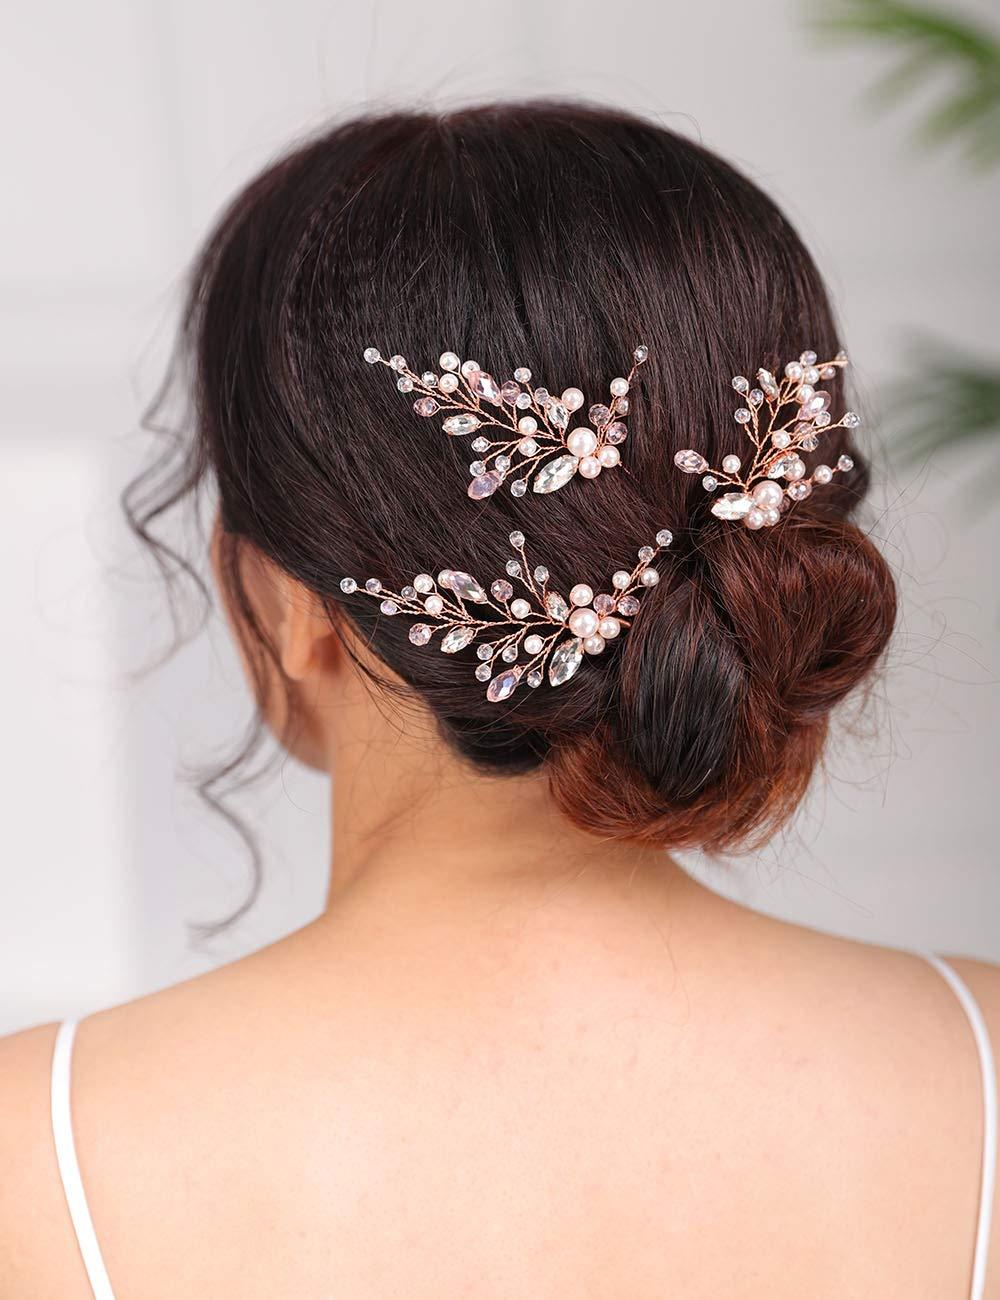 Bridal hair pins Wedding hair accessories bridesmaids hair pins Set of 3 sparkle crystal wedding hair pins